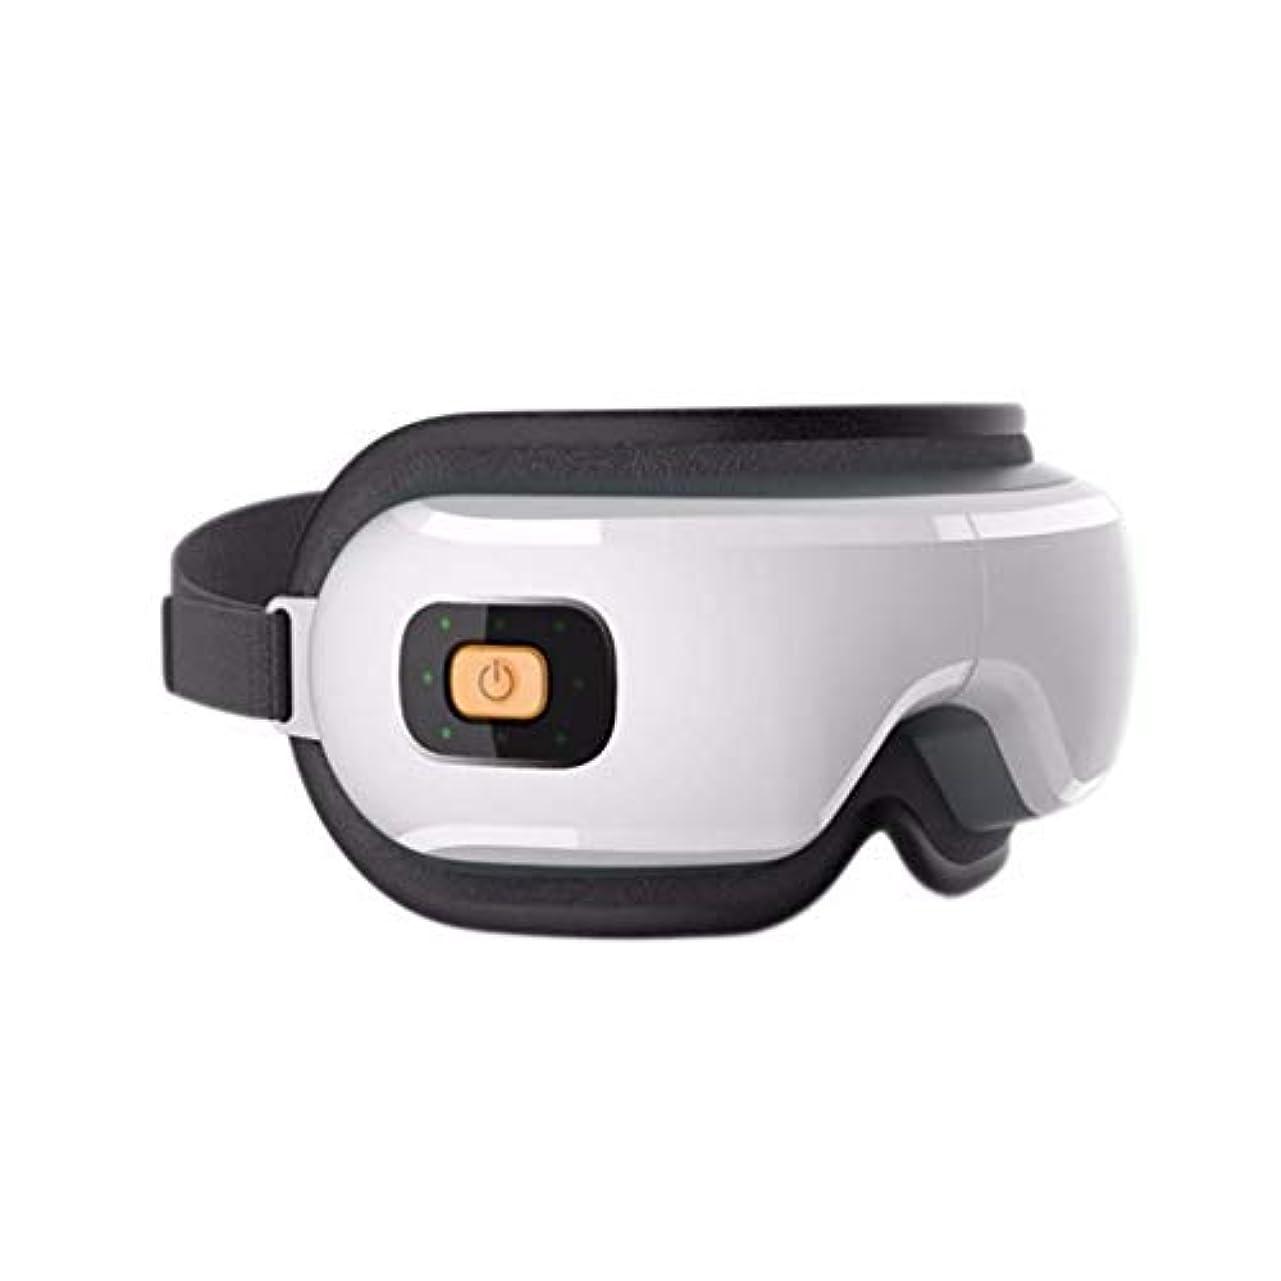 小道スモッグ容量アイマッサージャー、ワイヤレススマート電動アイマスク、マッサージ/充電/ブルートゥース音声/加熱/多周波振動/空気圧縮/なだめるような音楽/アイスパ、旅行事務車用